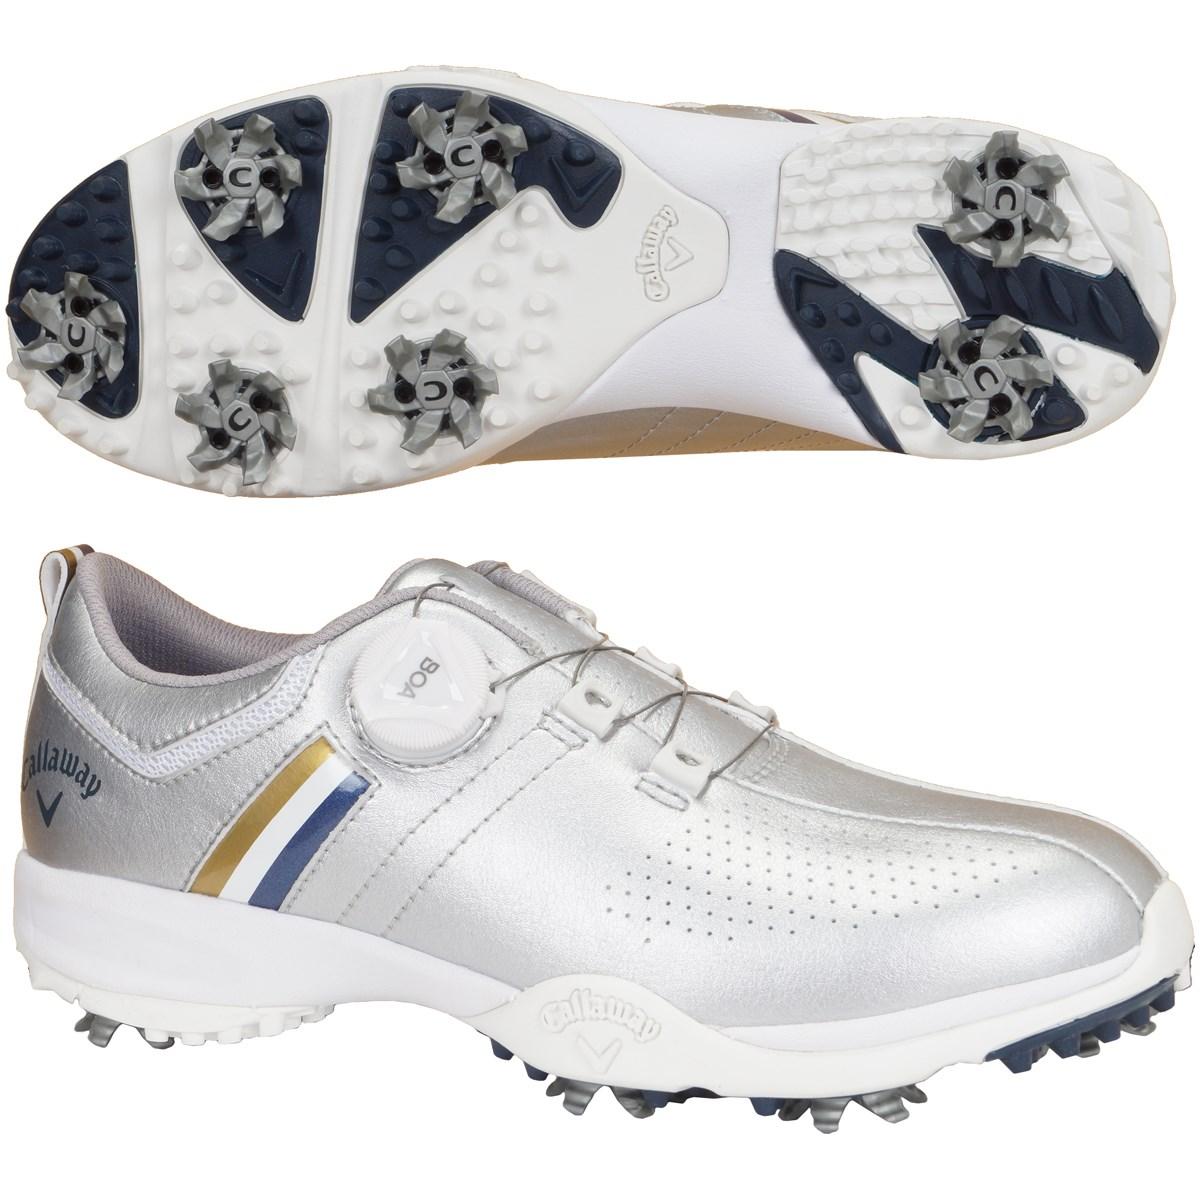 キャロウェイゴルフ(Callaway Golf) AEROSPORT BOA WM 18 ゴルフシューズレディス